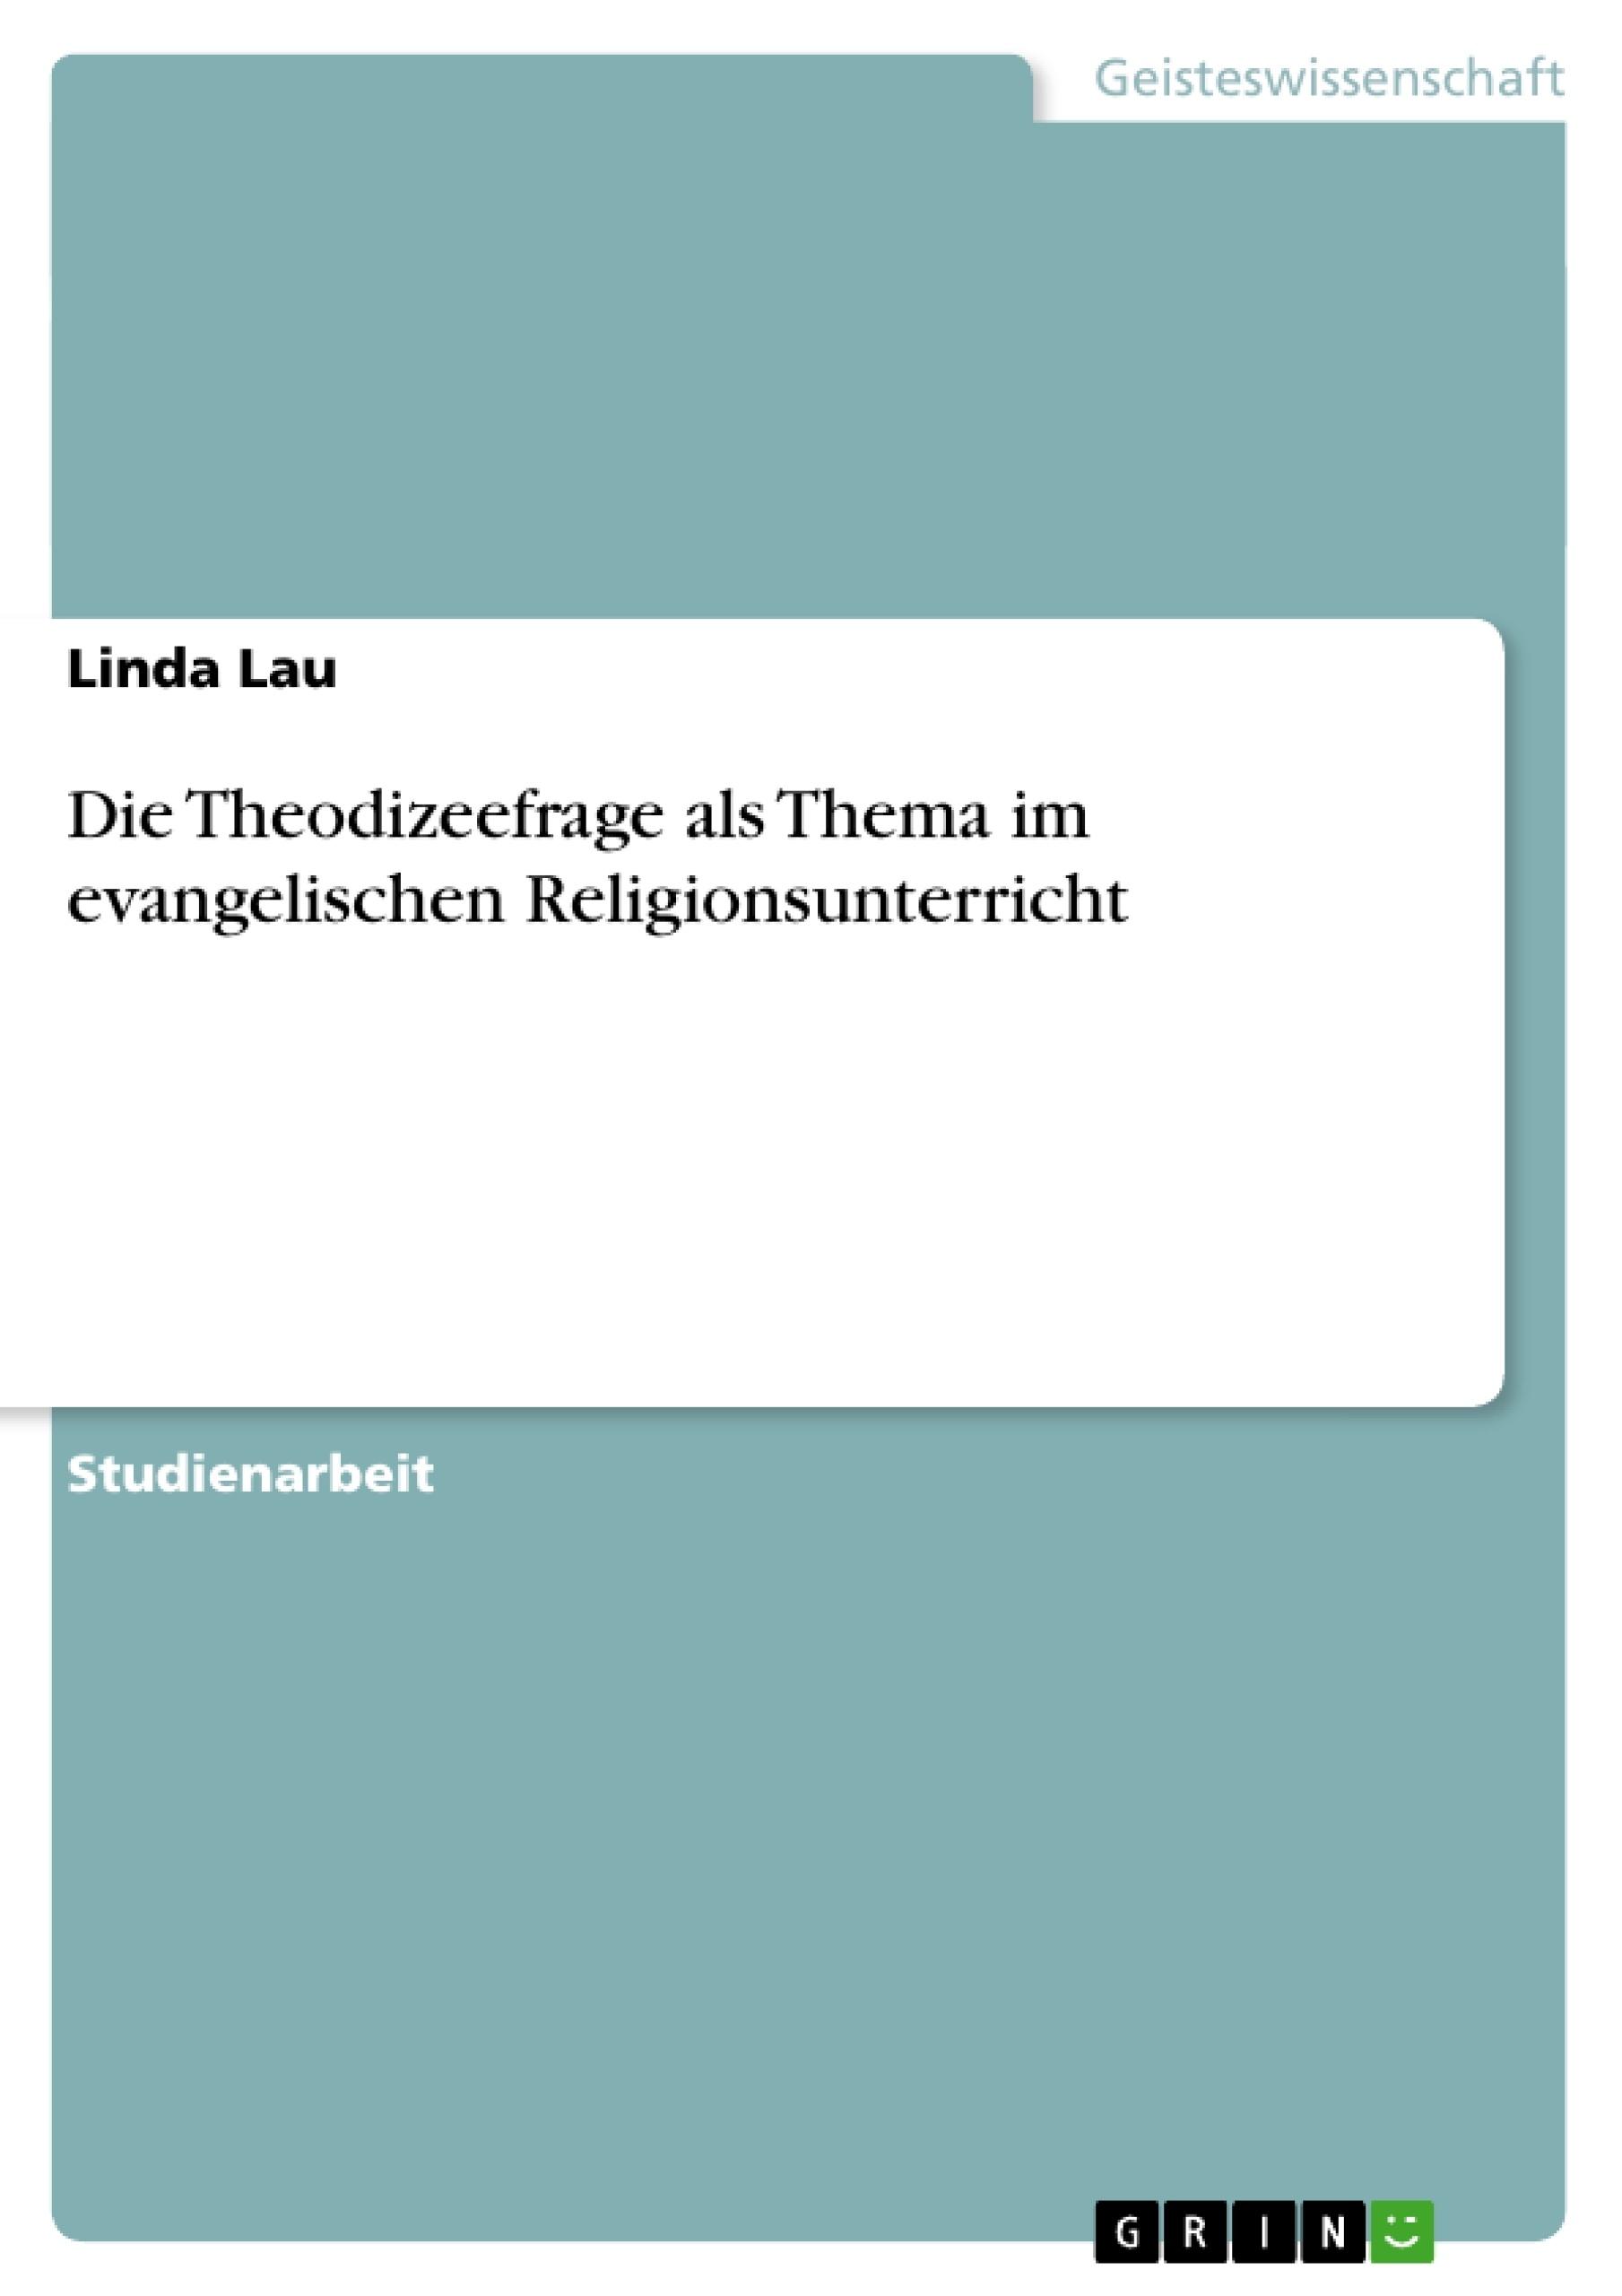 Titel: Die Theodizeefrage als Thema im evangelischen Religionsunterricht